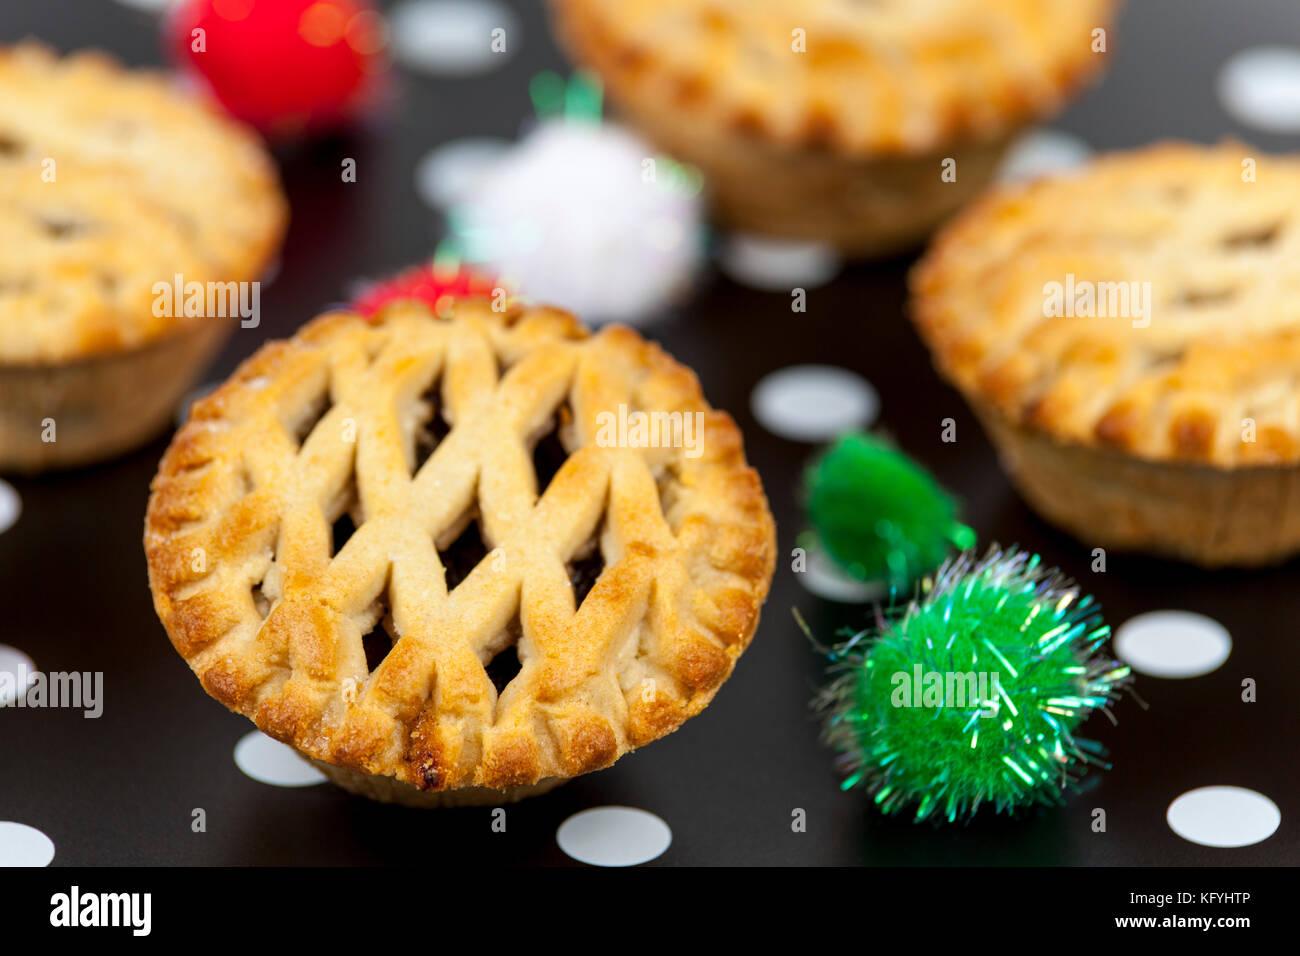 Frisch goldbraun Gitter oben mince pies gegen eine dekorierte Weihnachten Hintergrund Stockfoto